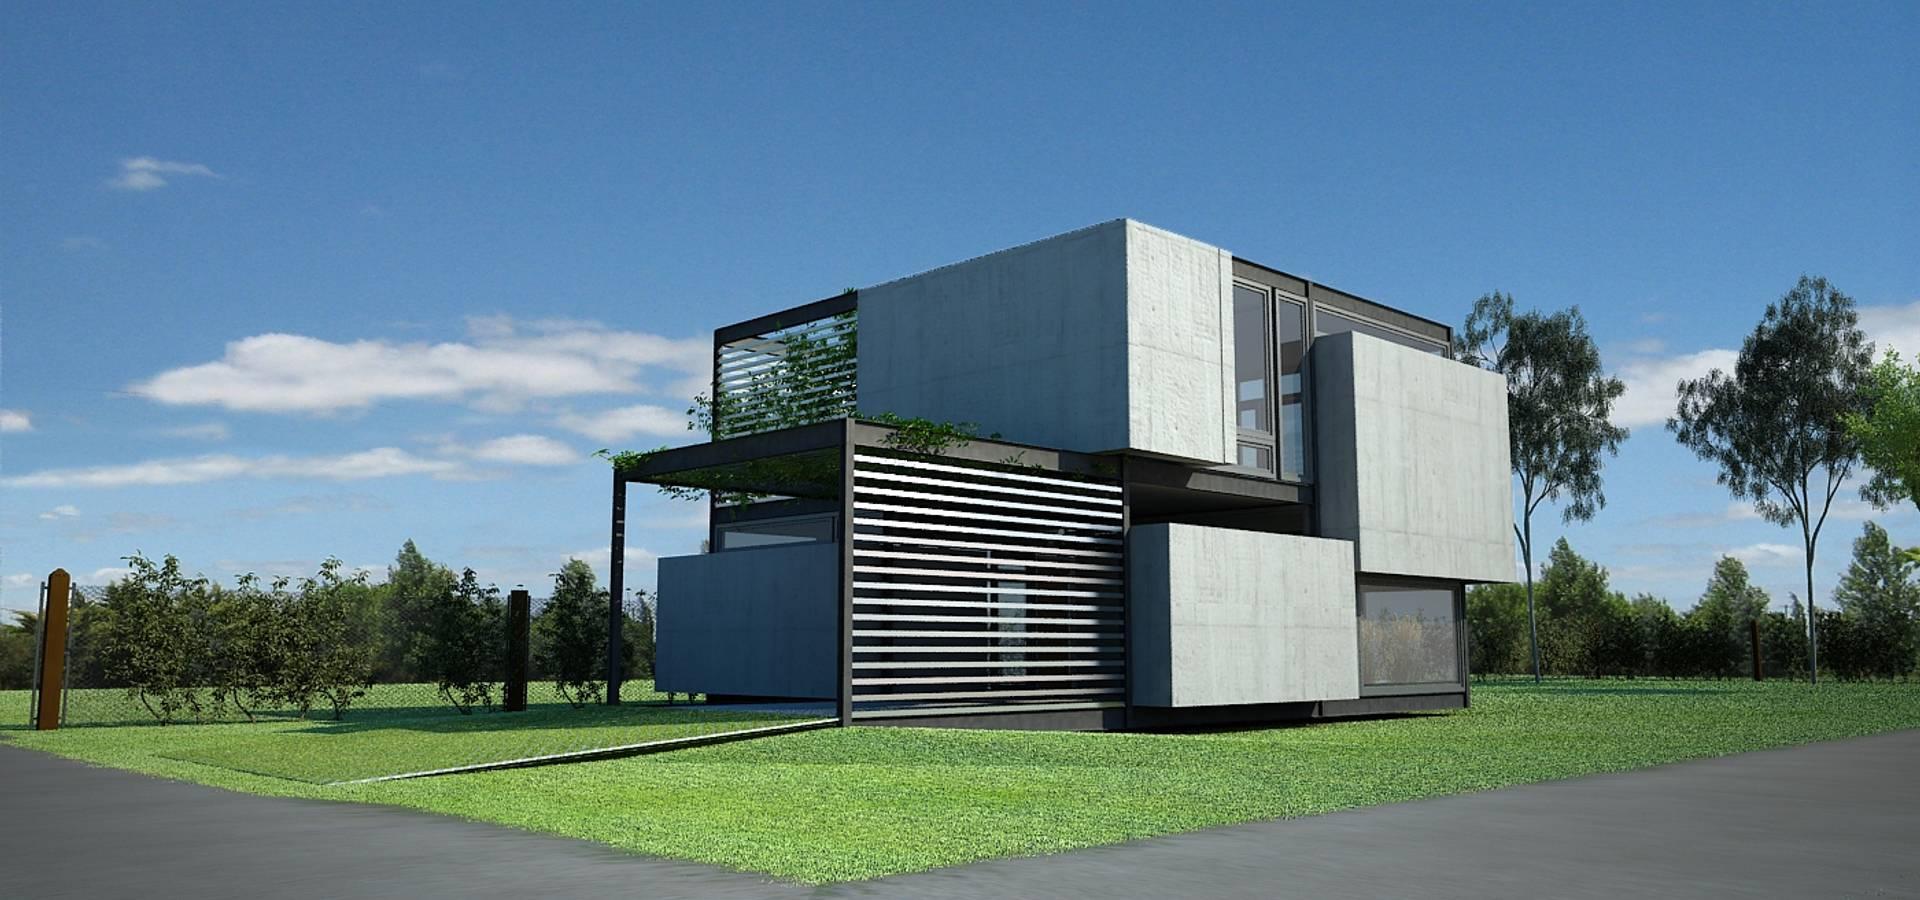 metodokit – vivienda suburbana